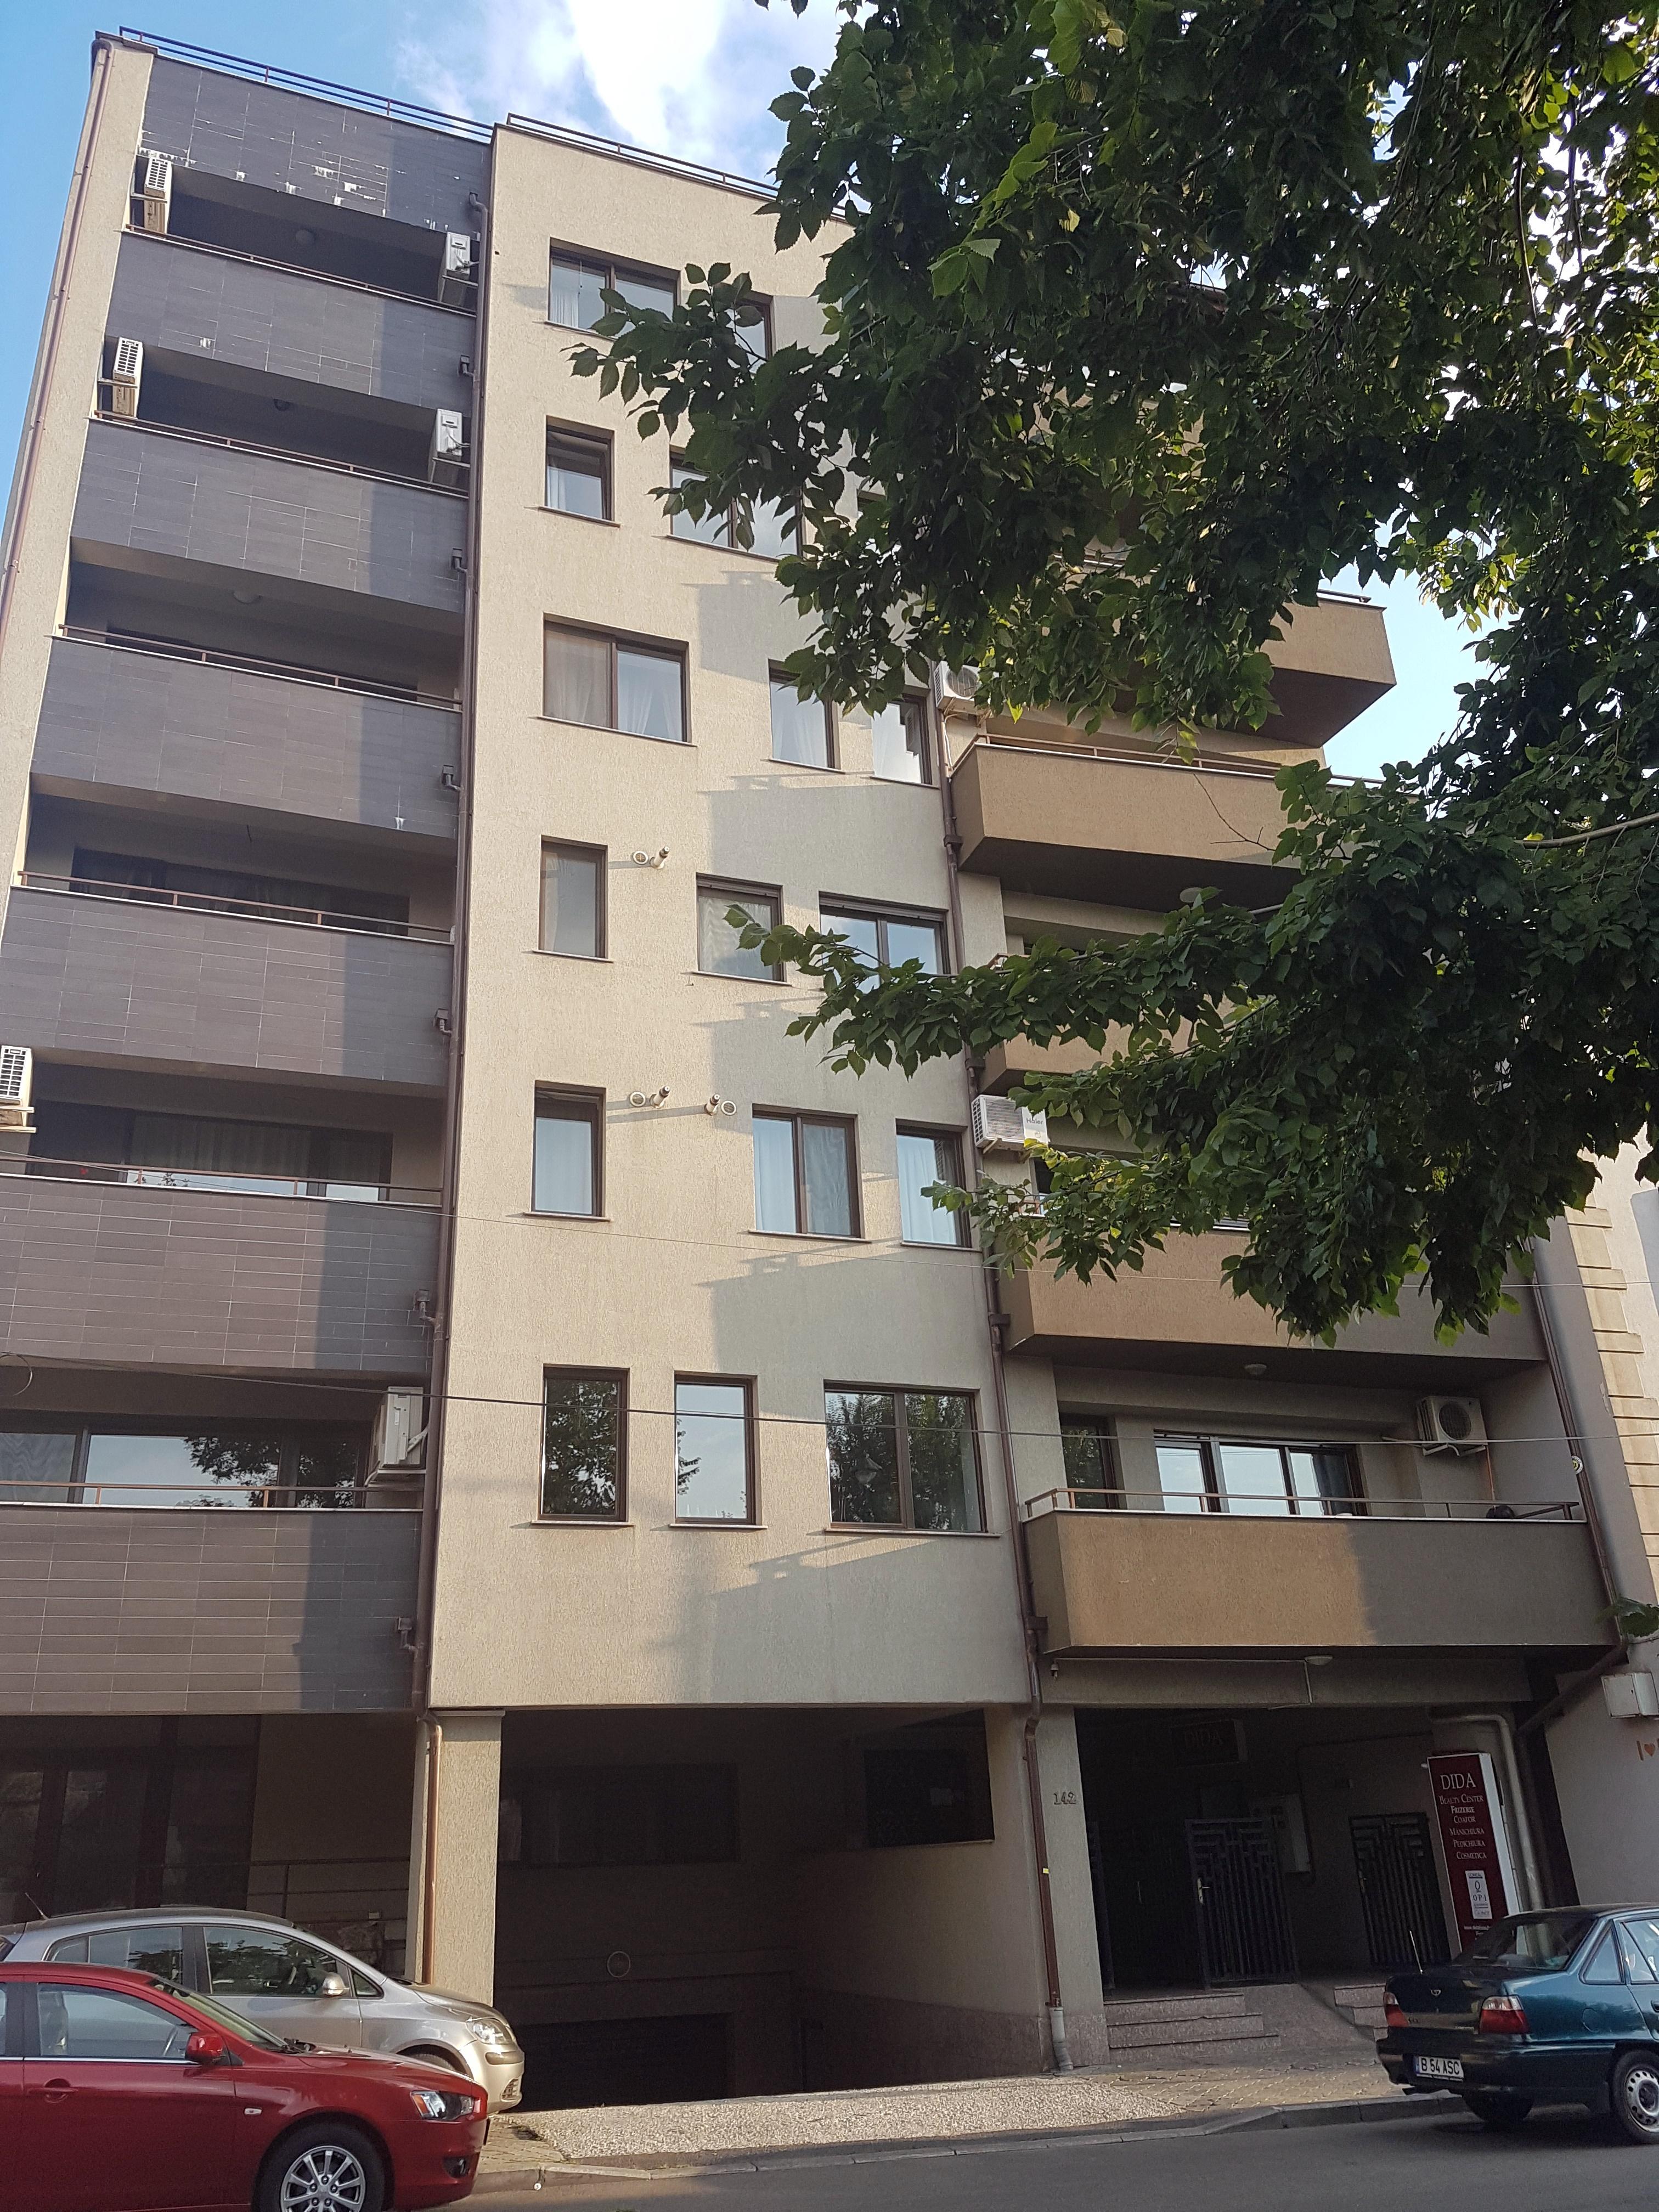 Un bloc cu patru etaje ar putea apărea în zona protejată Mihai Eminescu, vizavi de casa Henrieta Delavrancea, monument istoric. Cum a fost distrusă zona în ultimii 15 ani 23